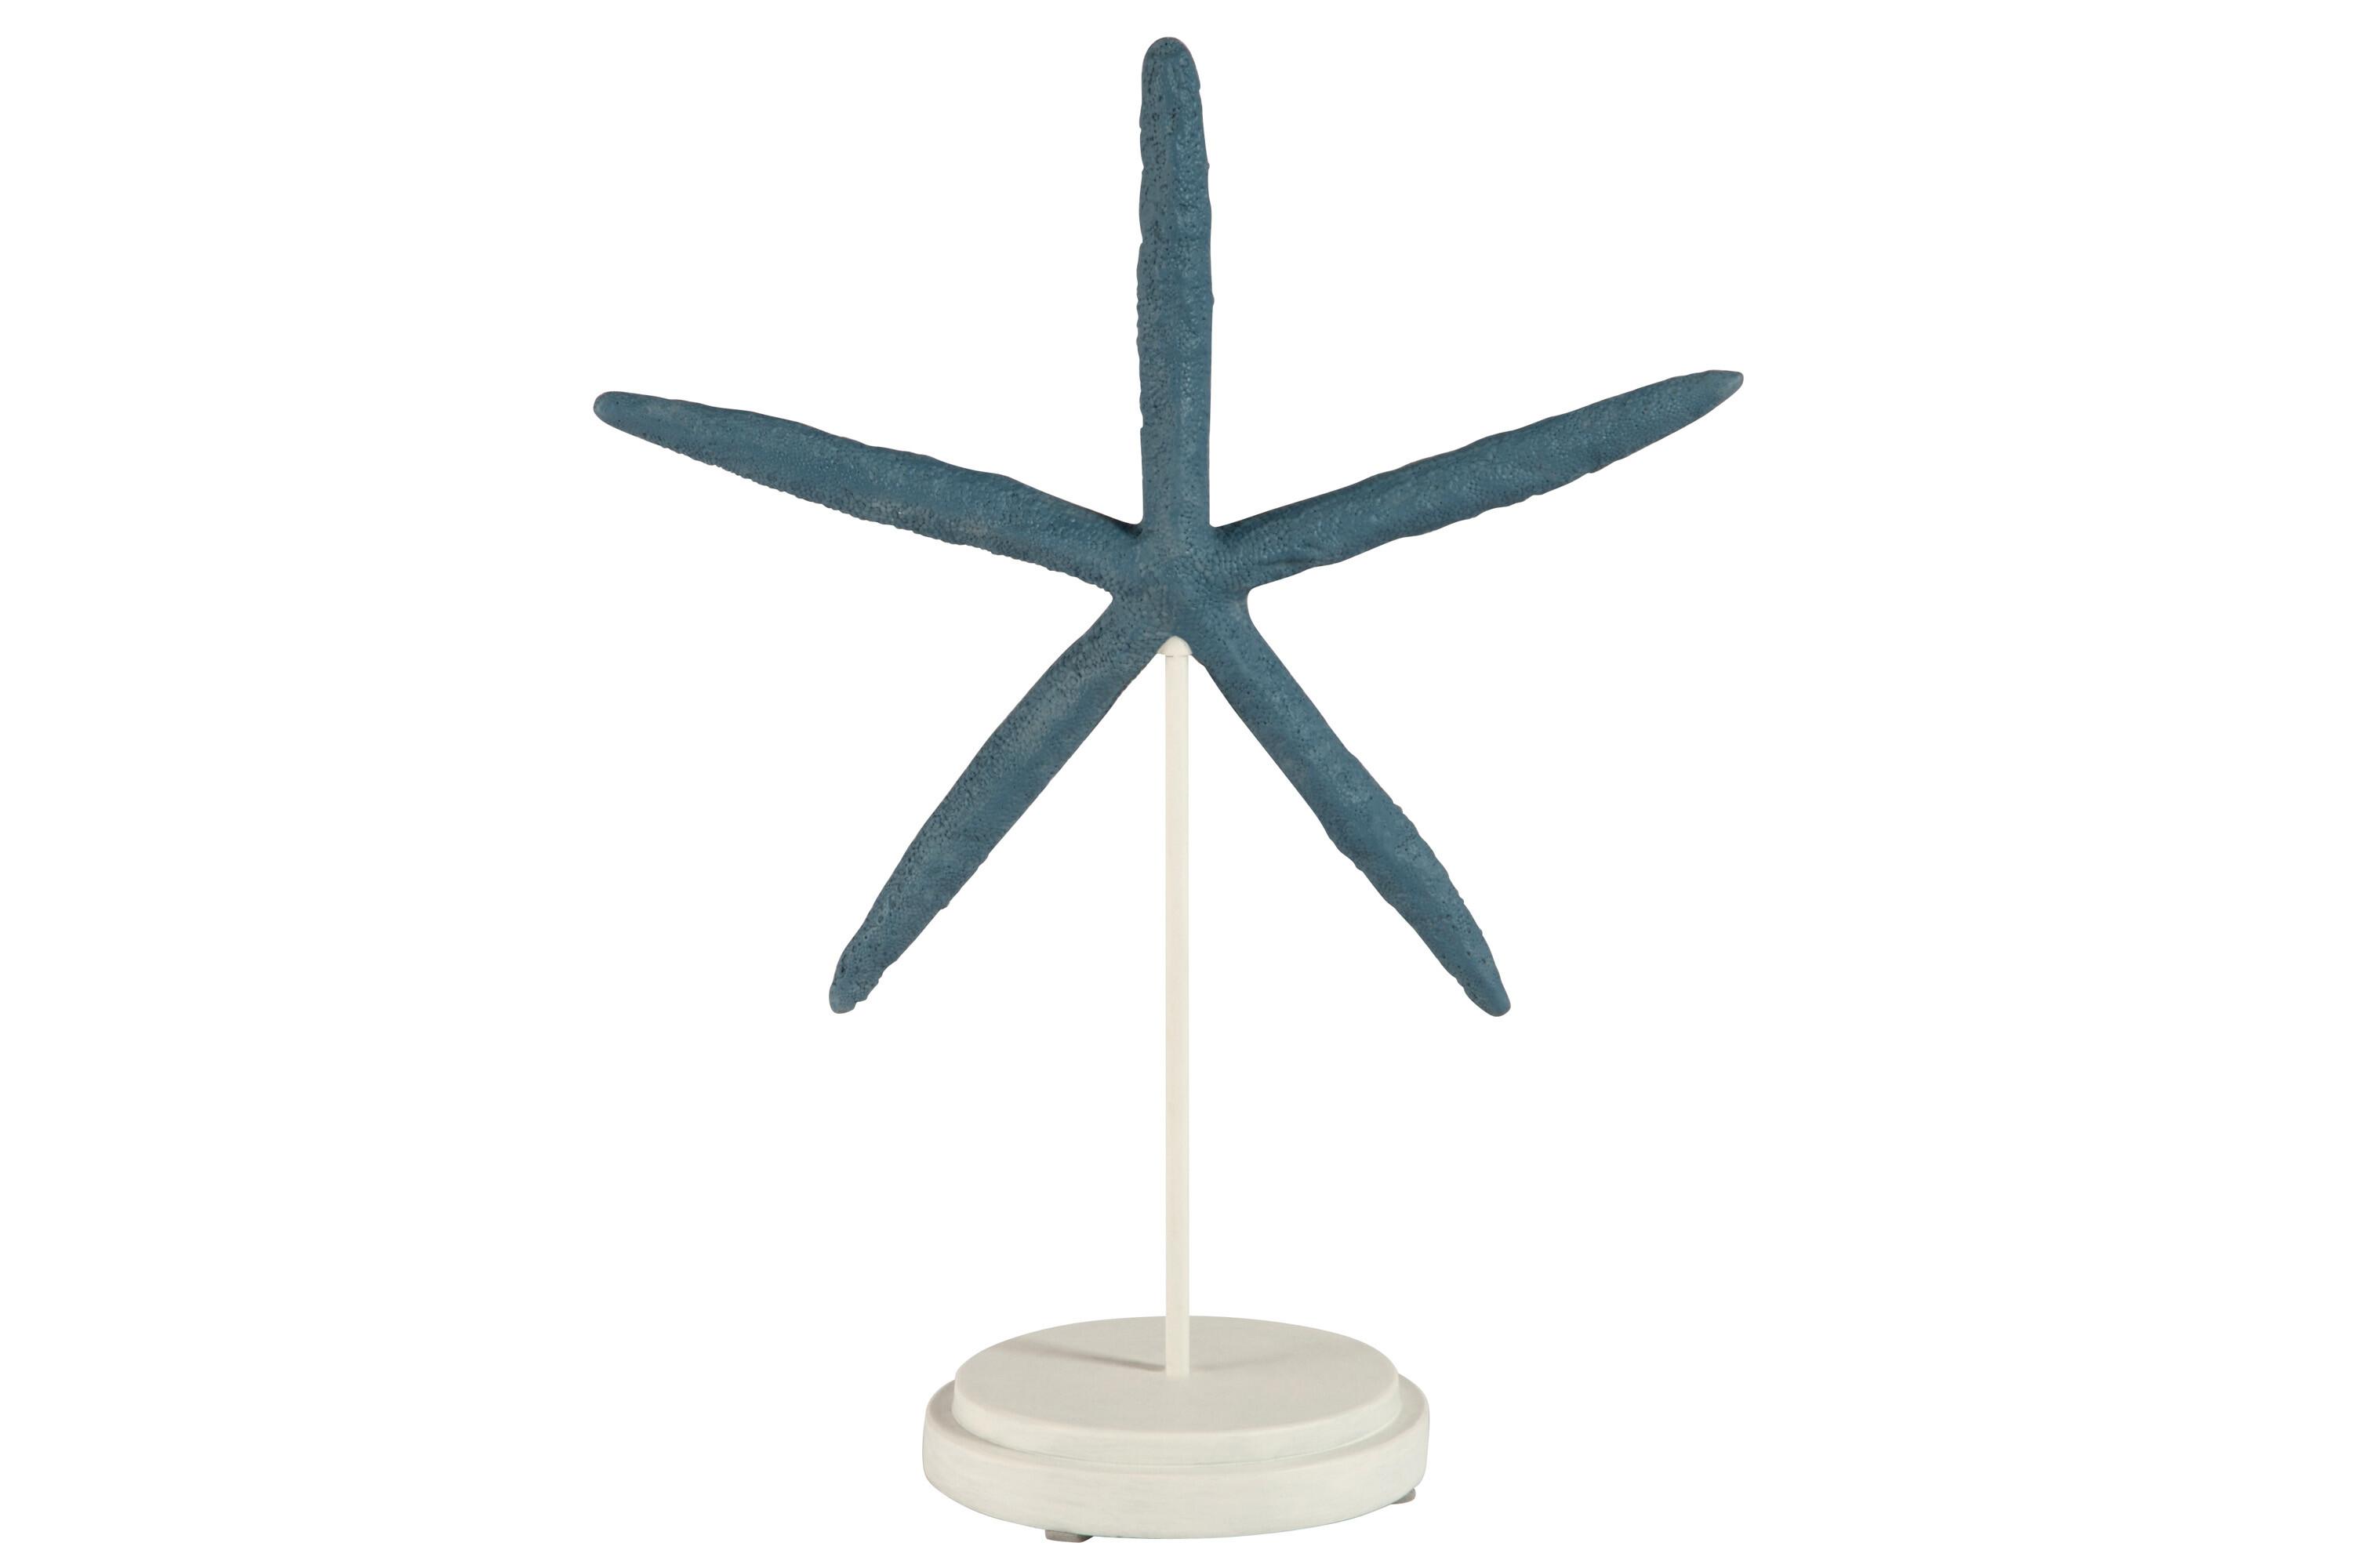 Mořská hvězdice na podstavci